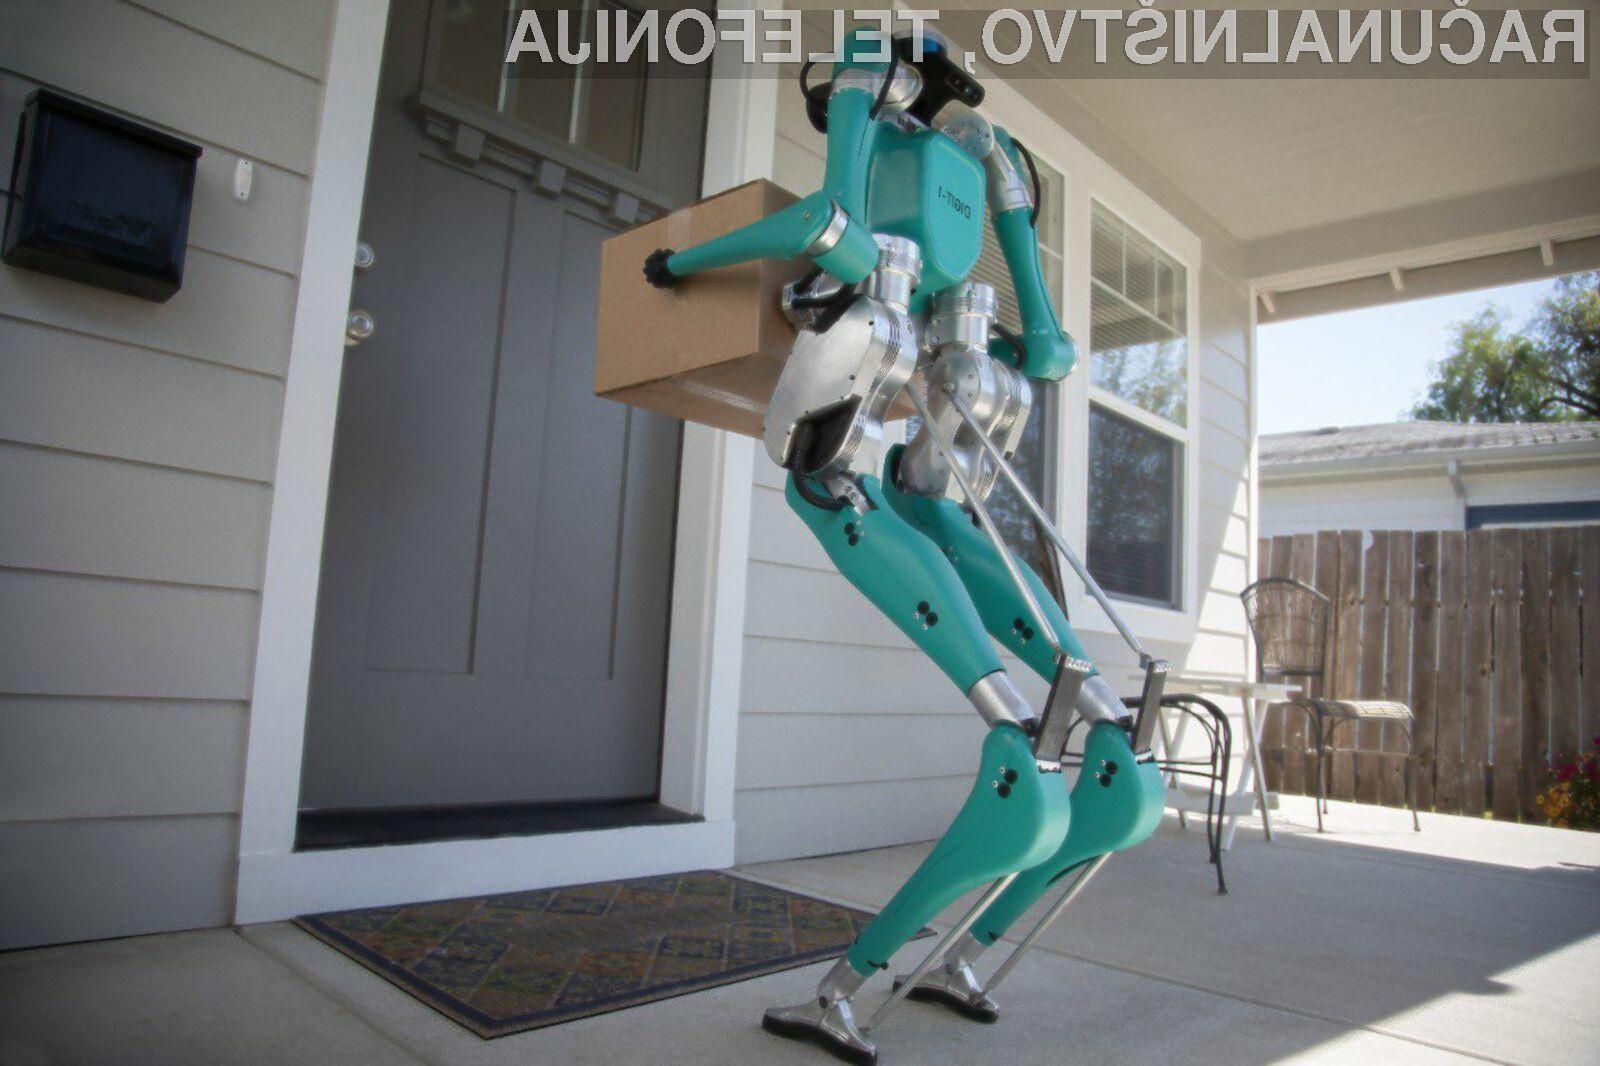 Ta robot nam bo olajšal prenašanje težkega tovora!